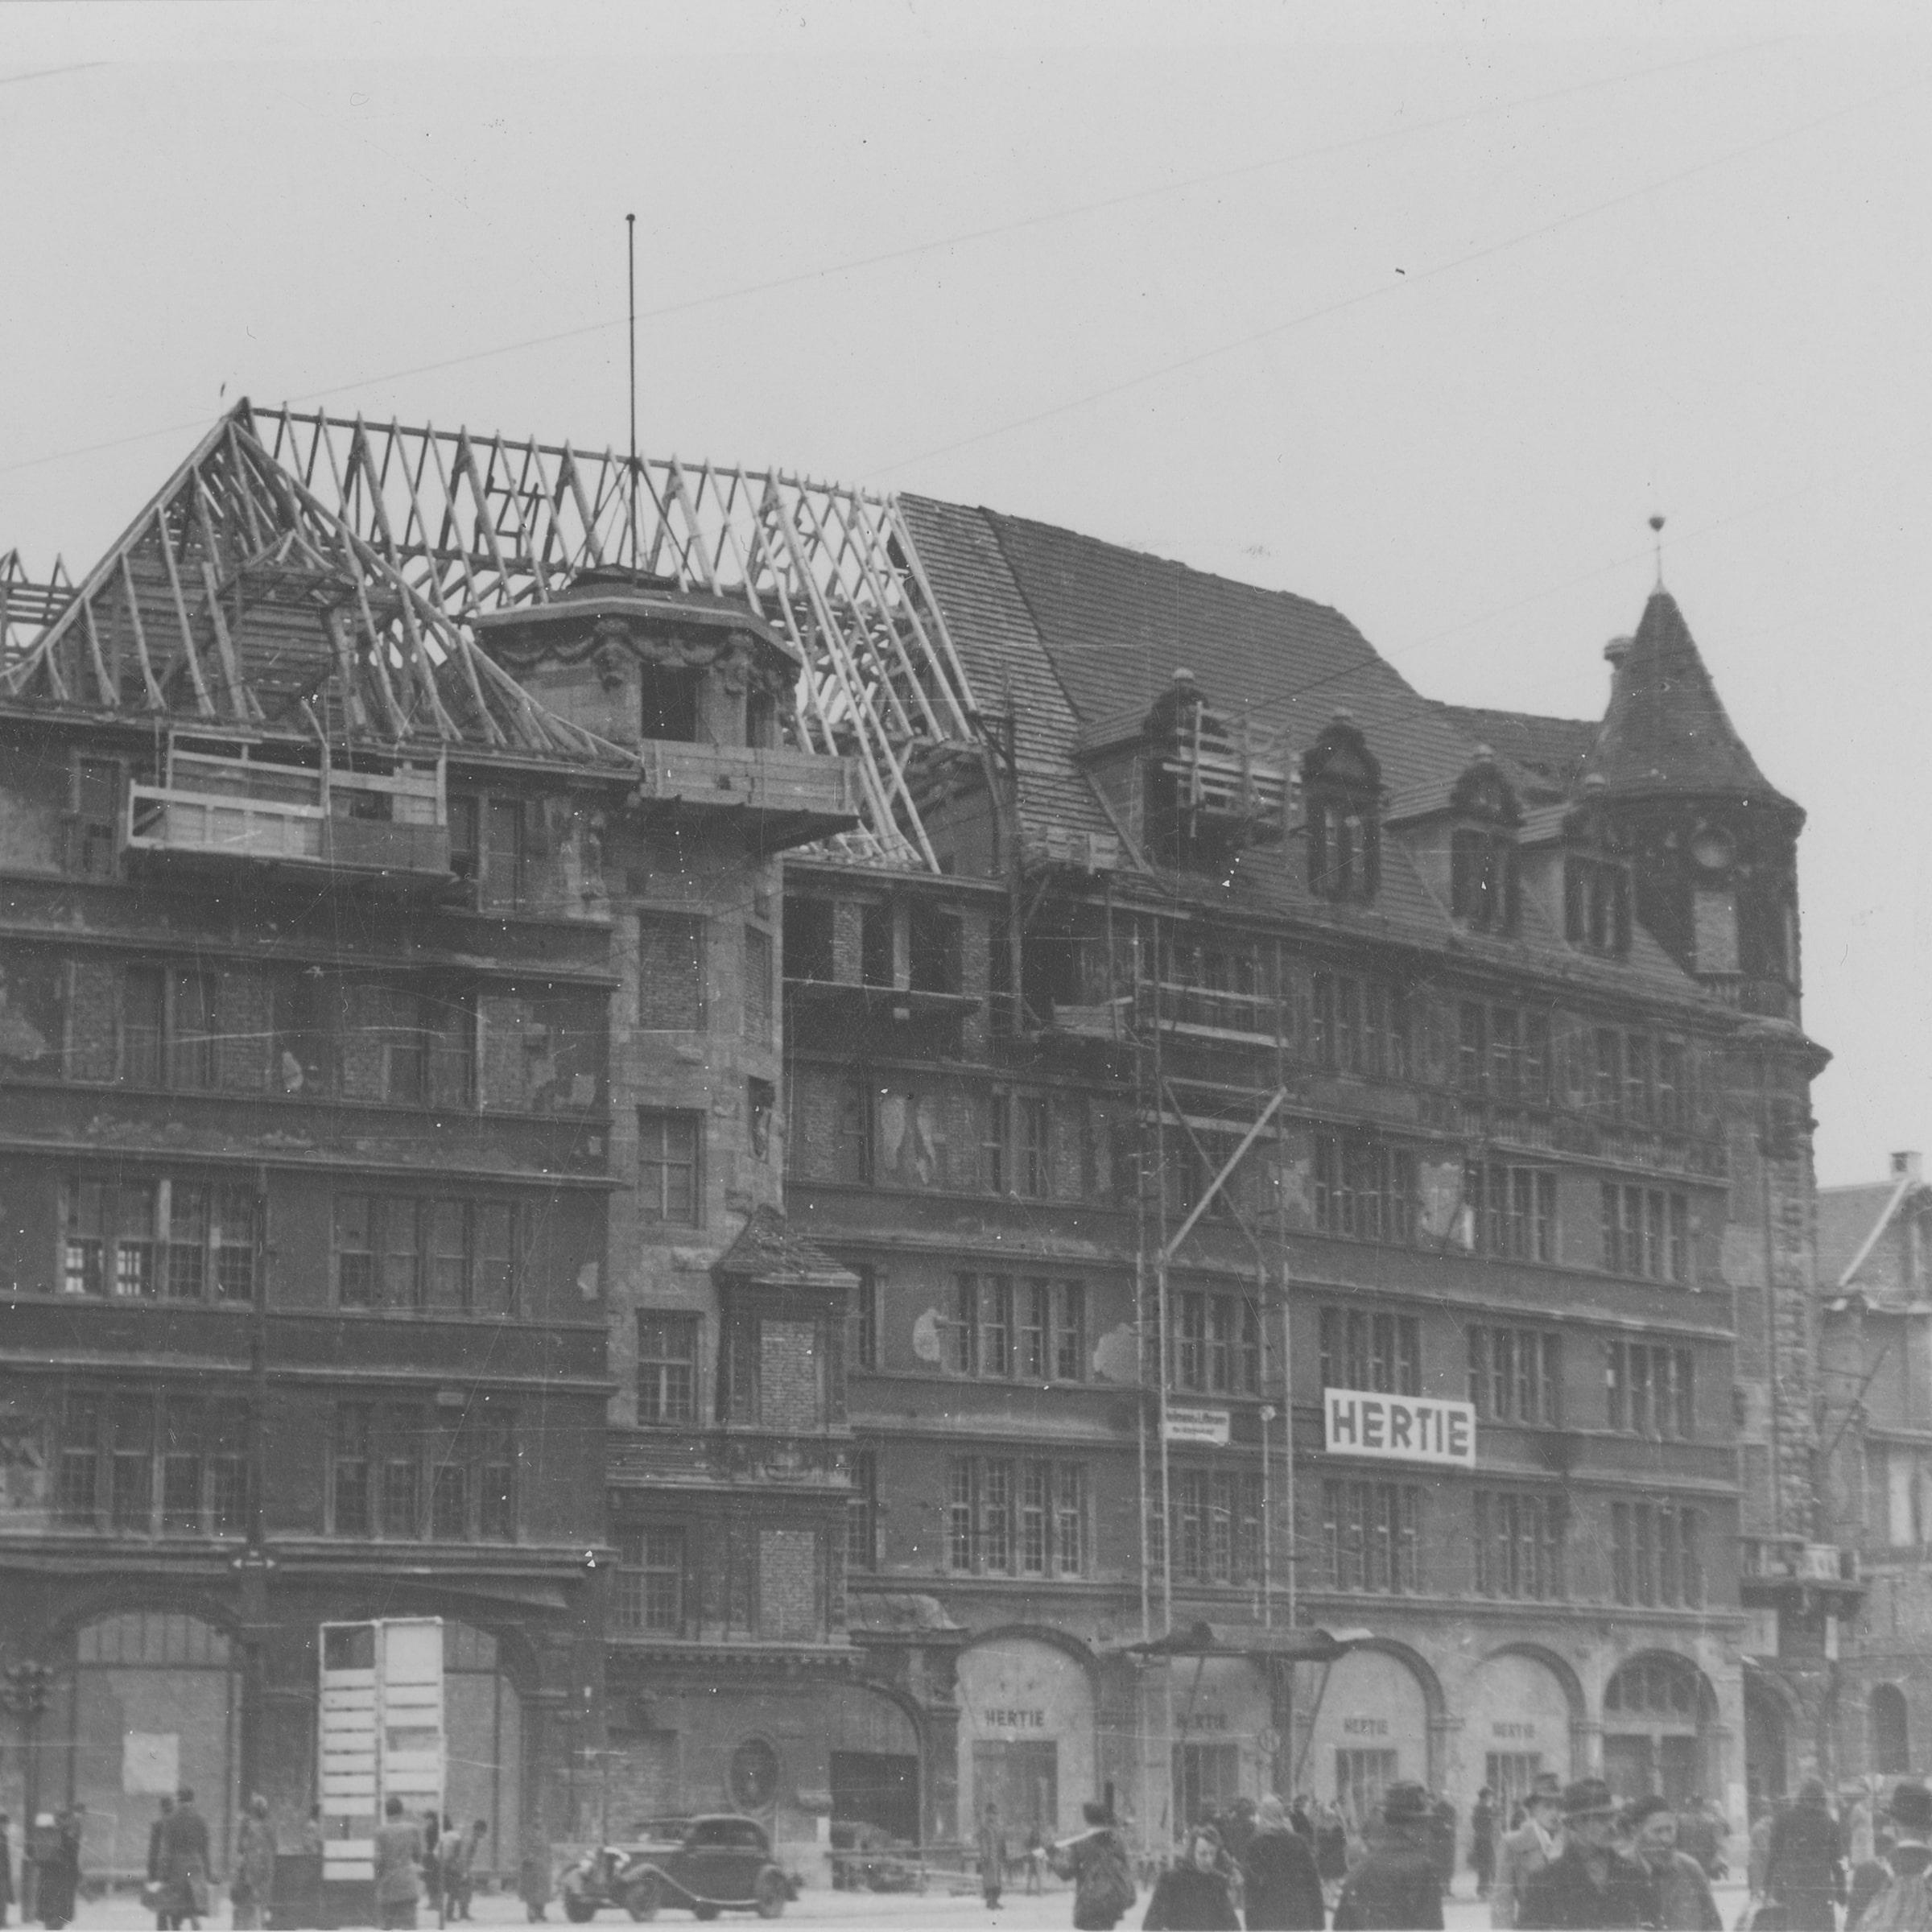 Fotografie des Warenhauses im Jahr 1948, während dem Wiederaufbau